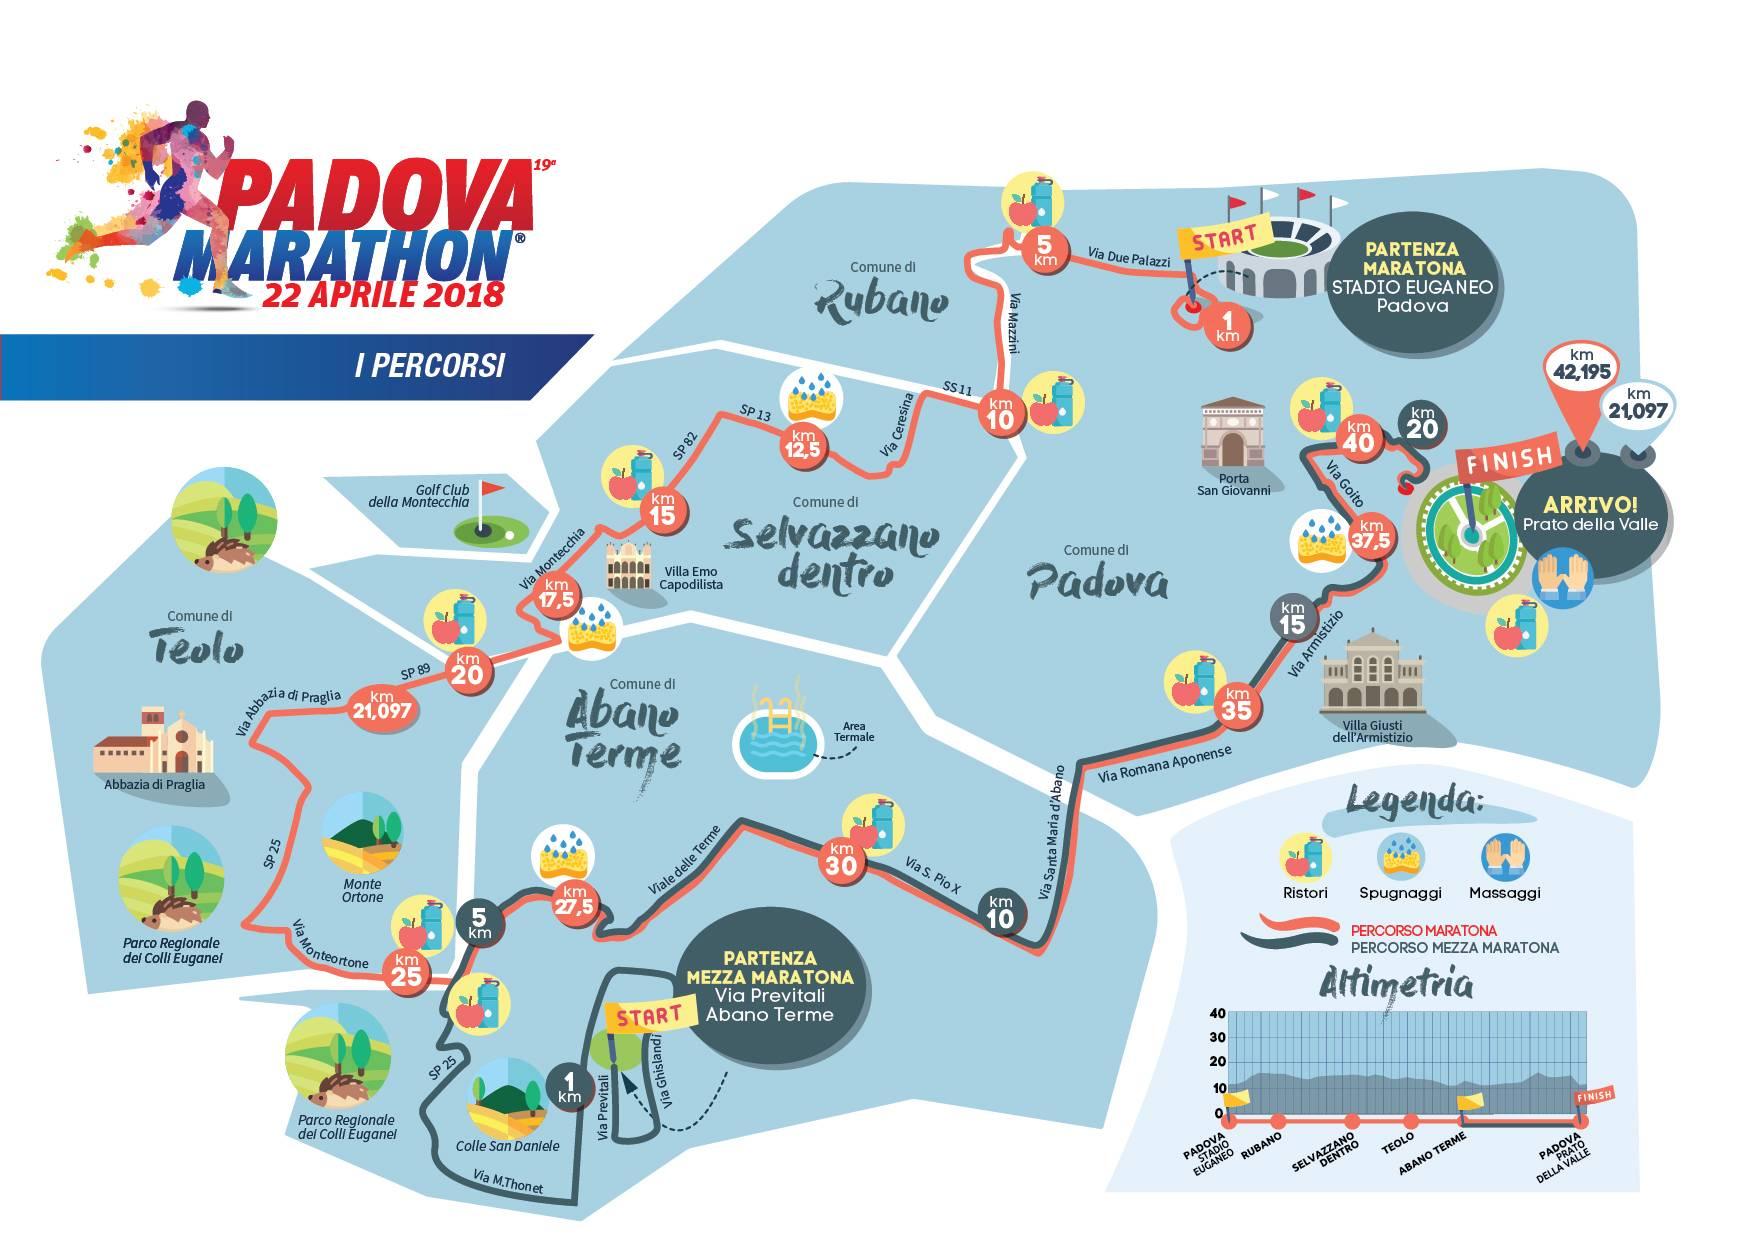 Calendario Manifestazioni Abano Terme.Padova Marathon Il 22 Aprile Il Grande Evento Convention